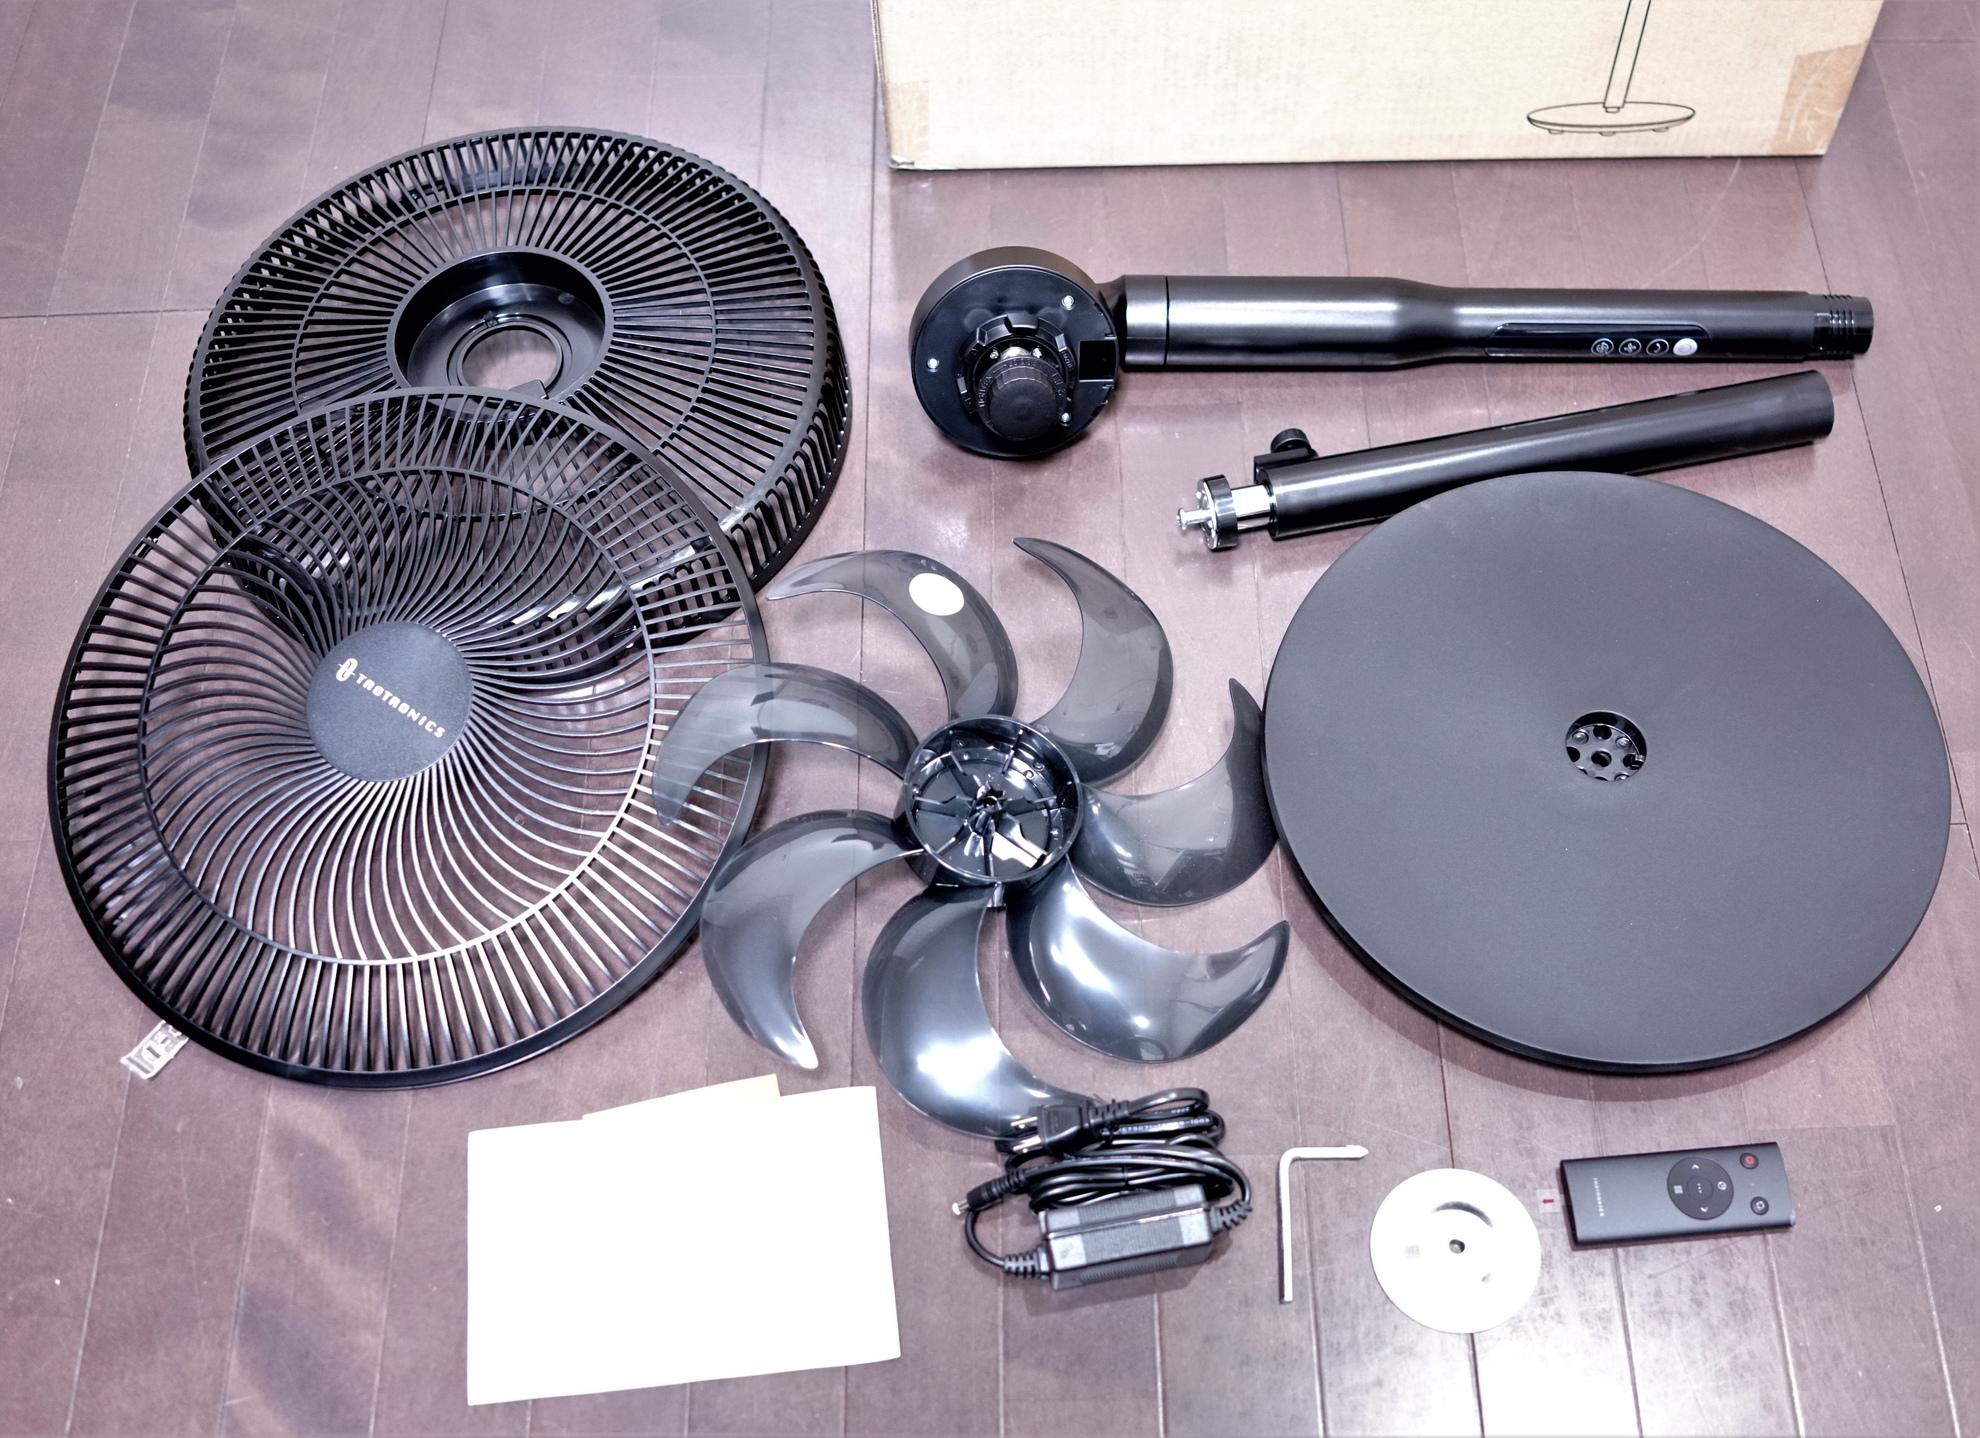 DCモーター扇風機 TaoTronics TT-TF009 レビュー